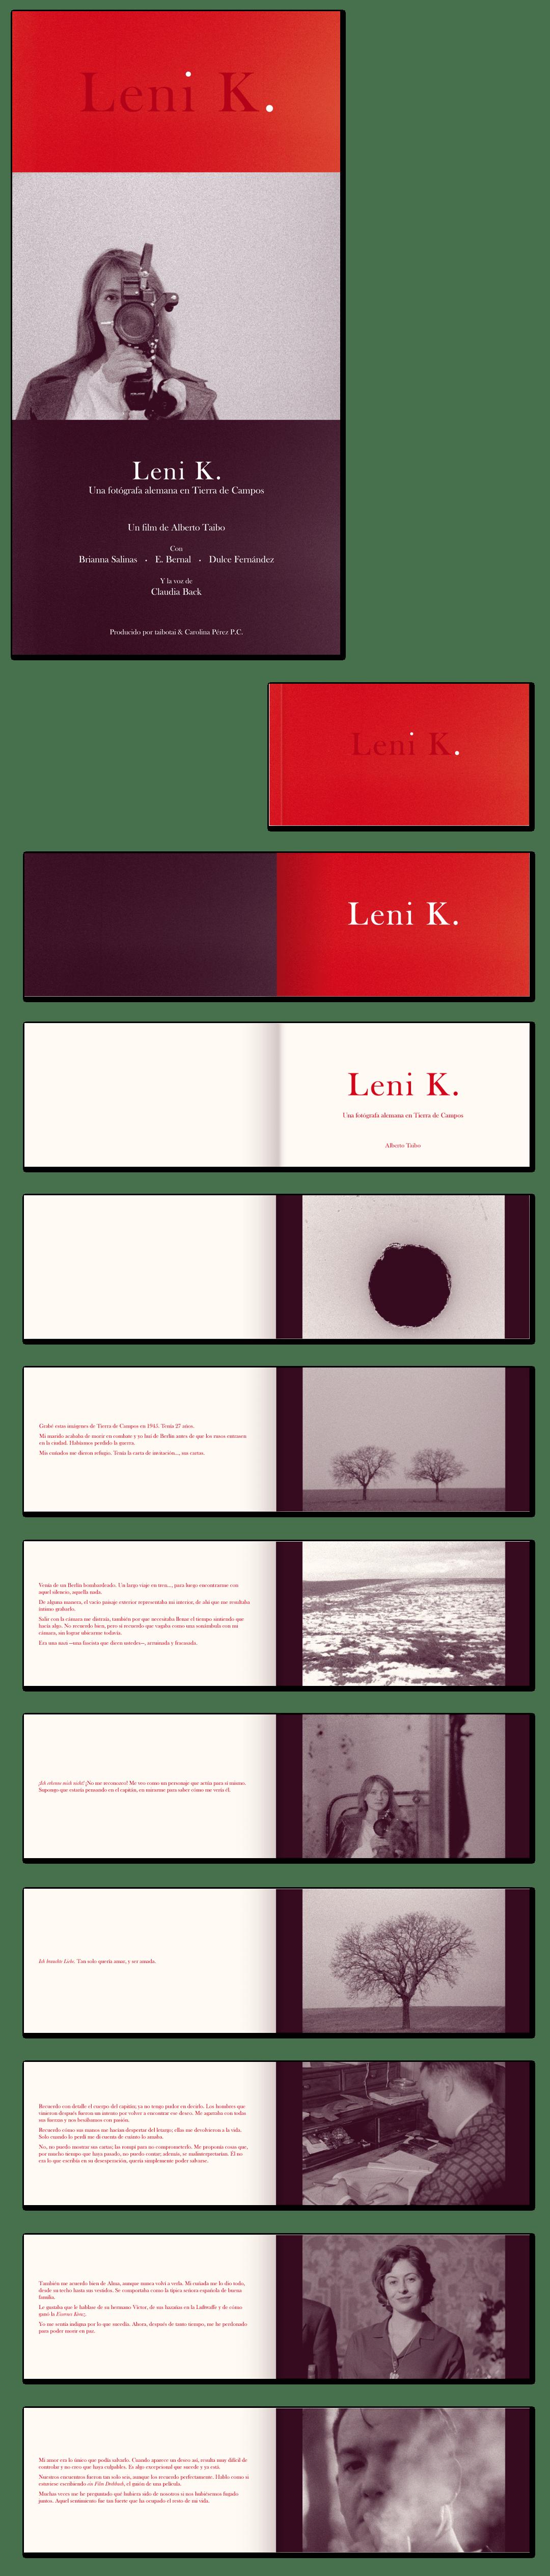 2016_leni k_portfolio